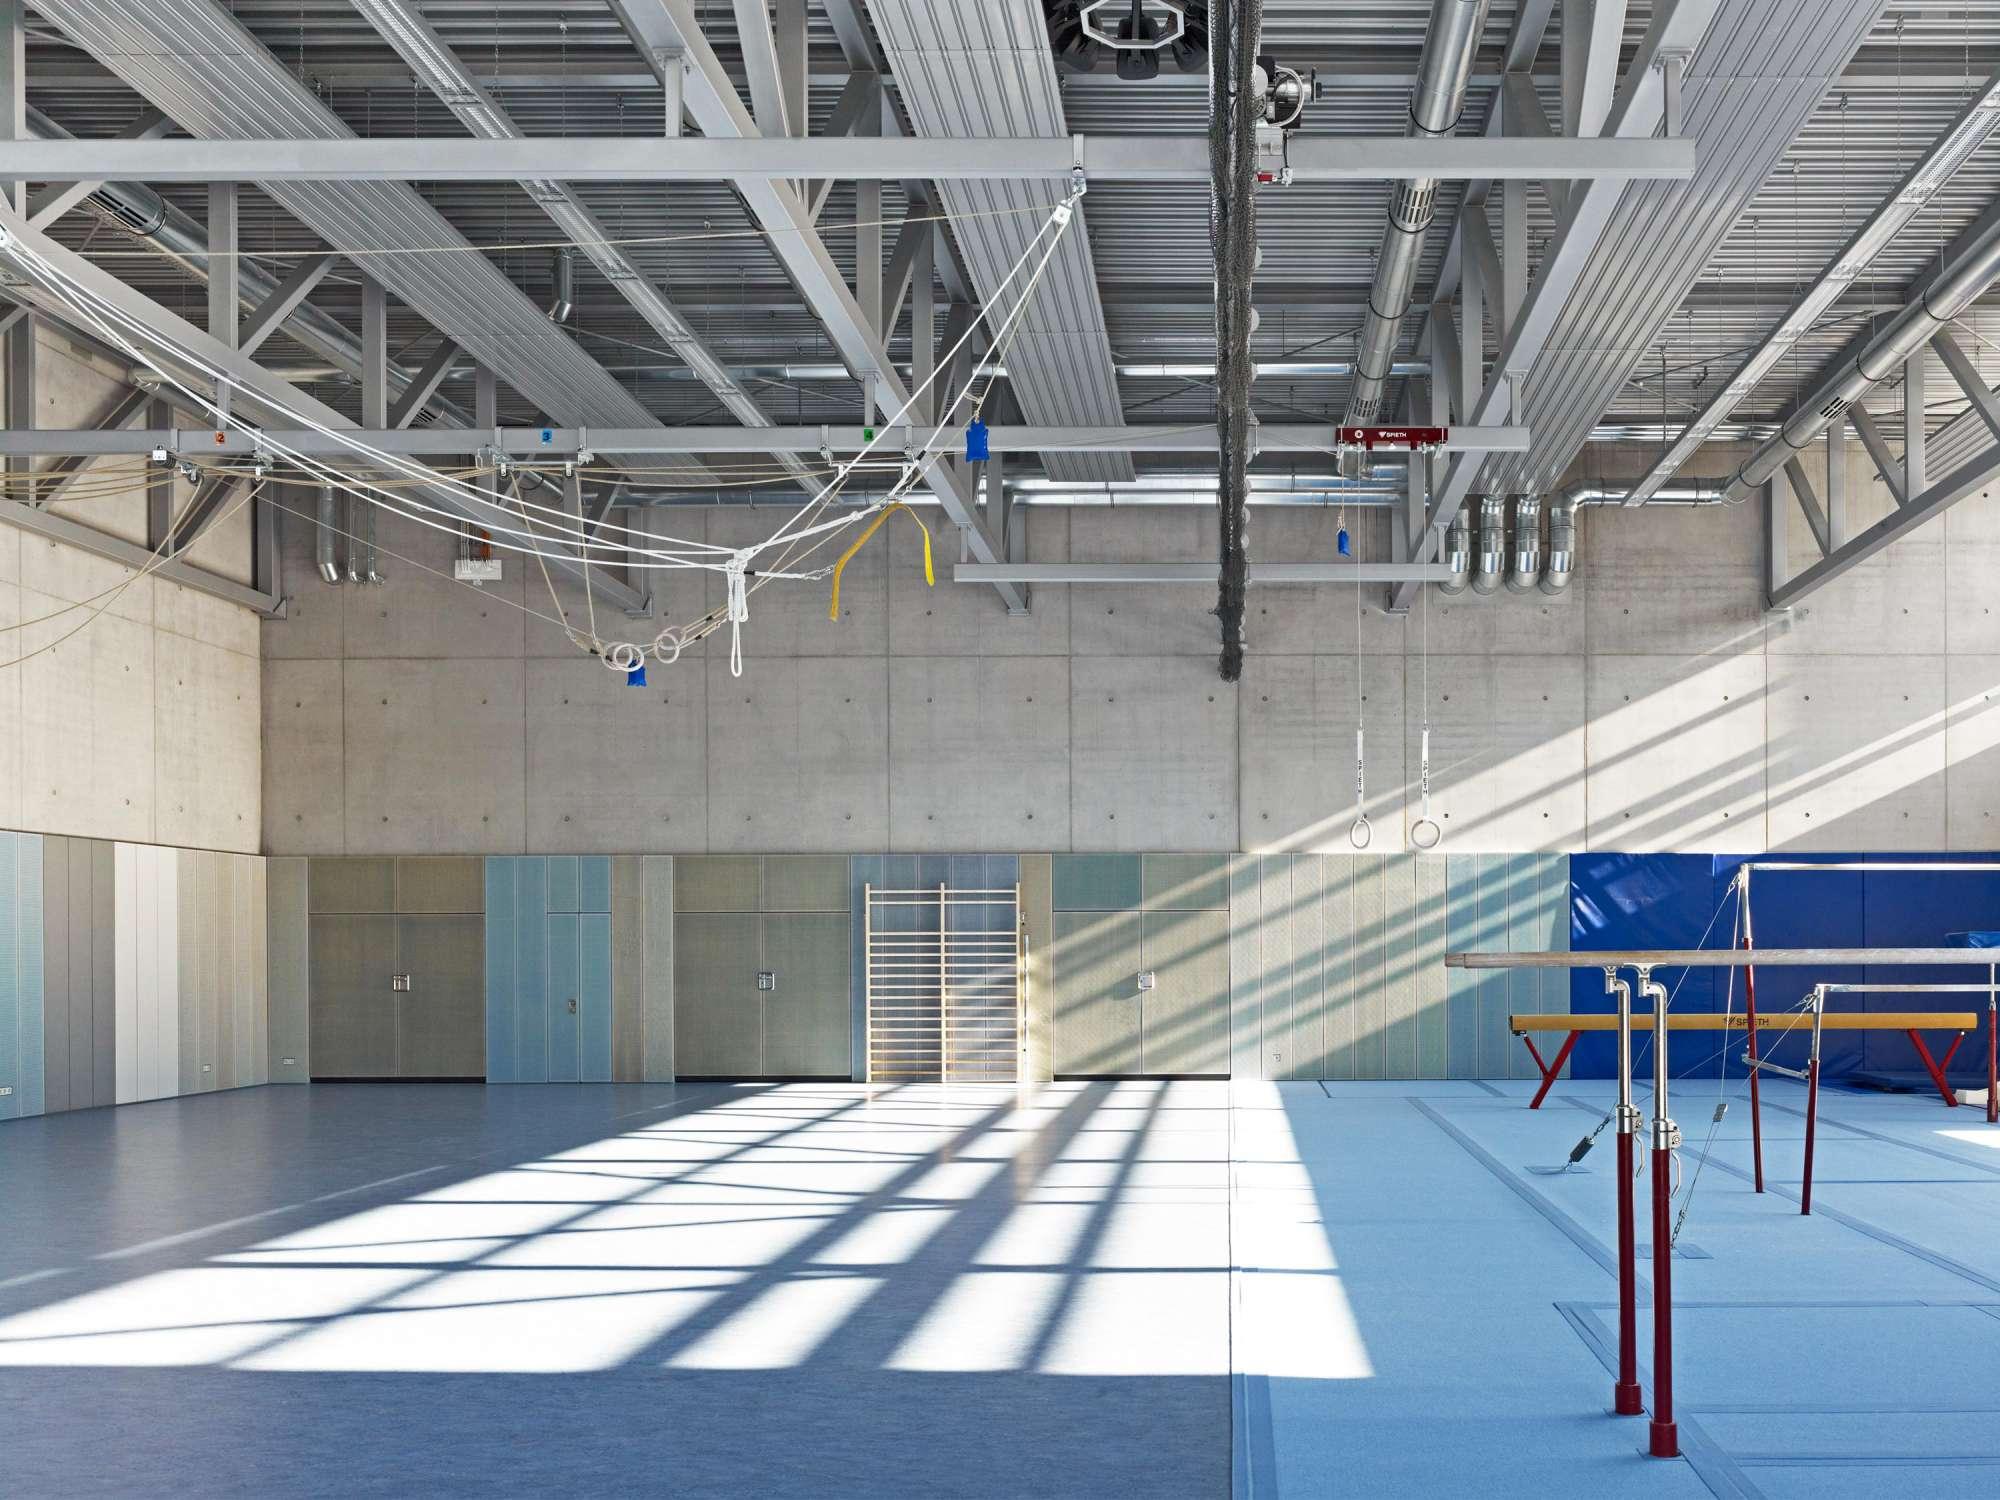 Universitätsturnhalle für Kunstturnen (7)